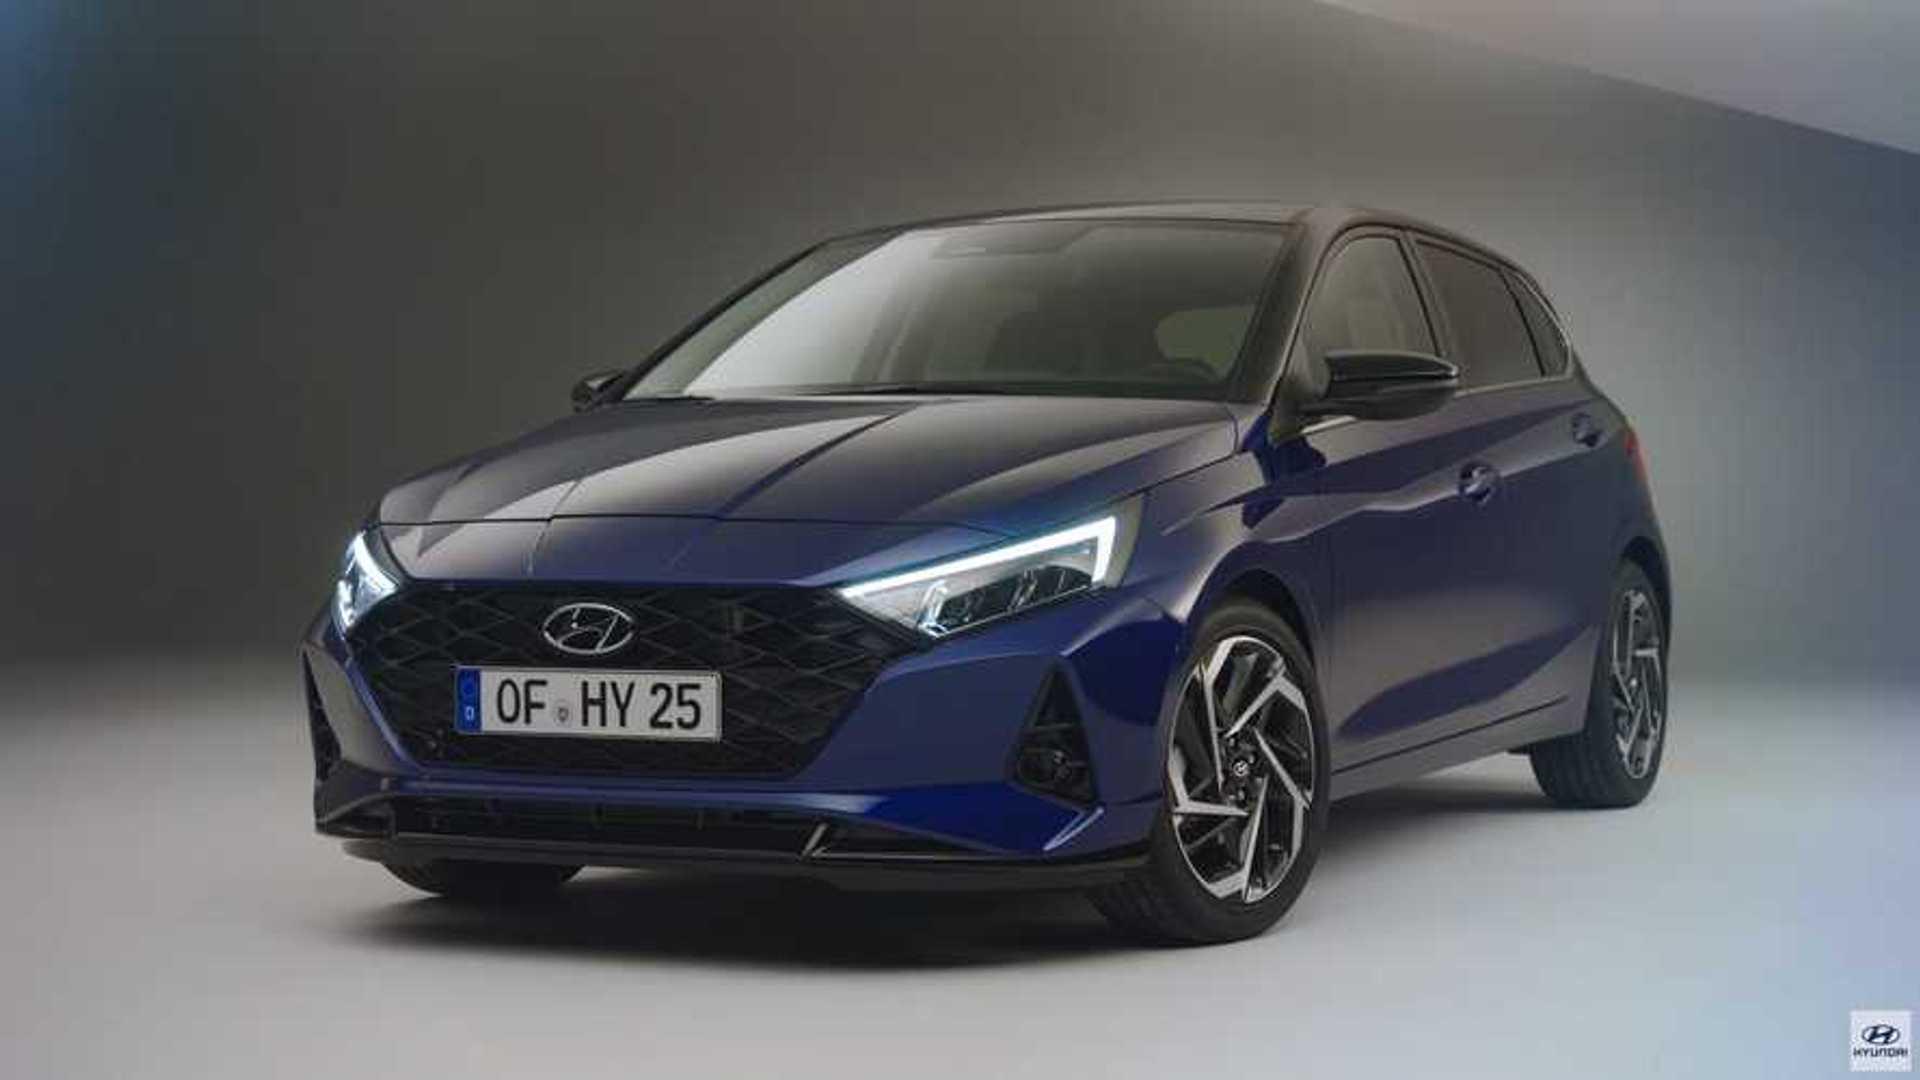 2021 Hyundai I20 Redesign